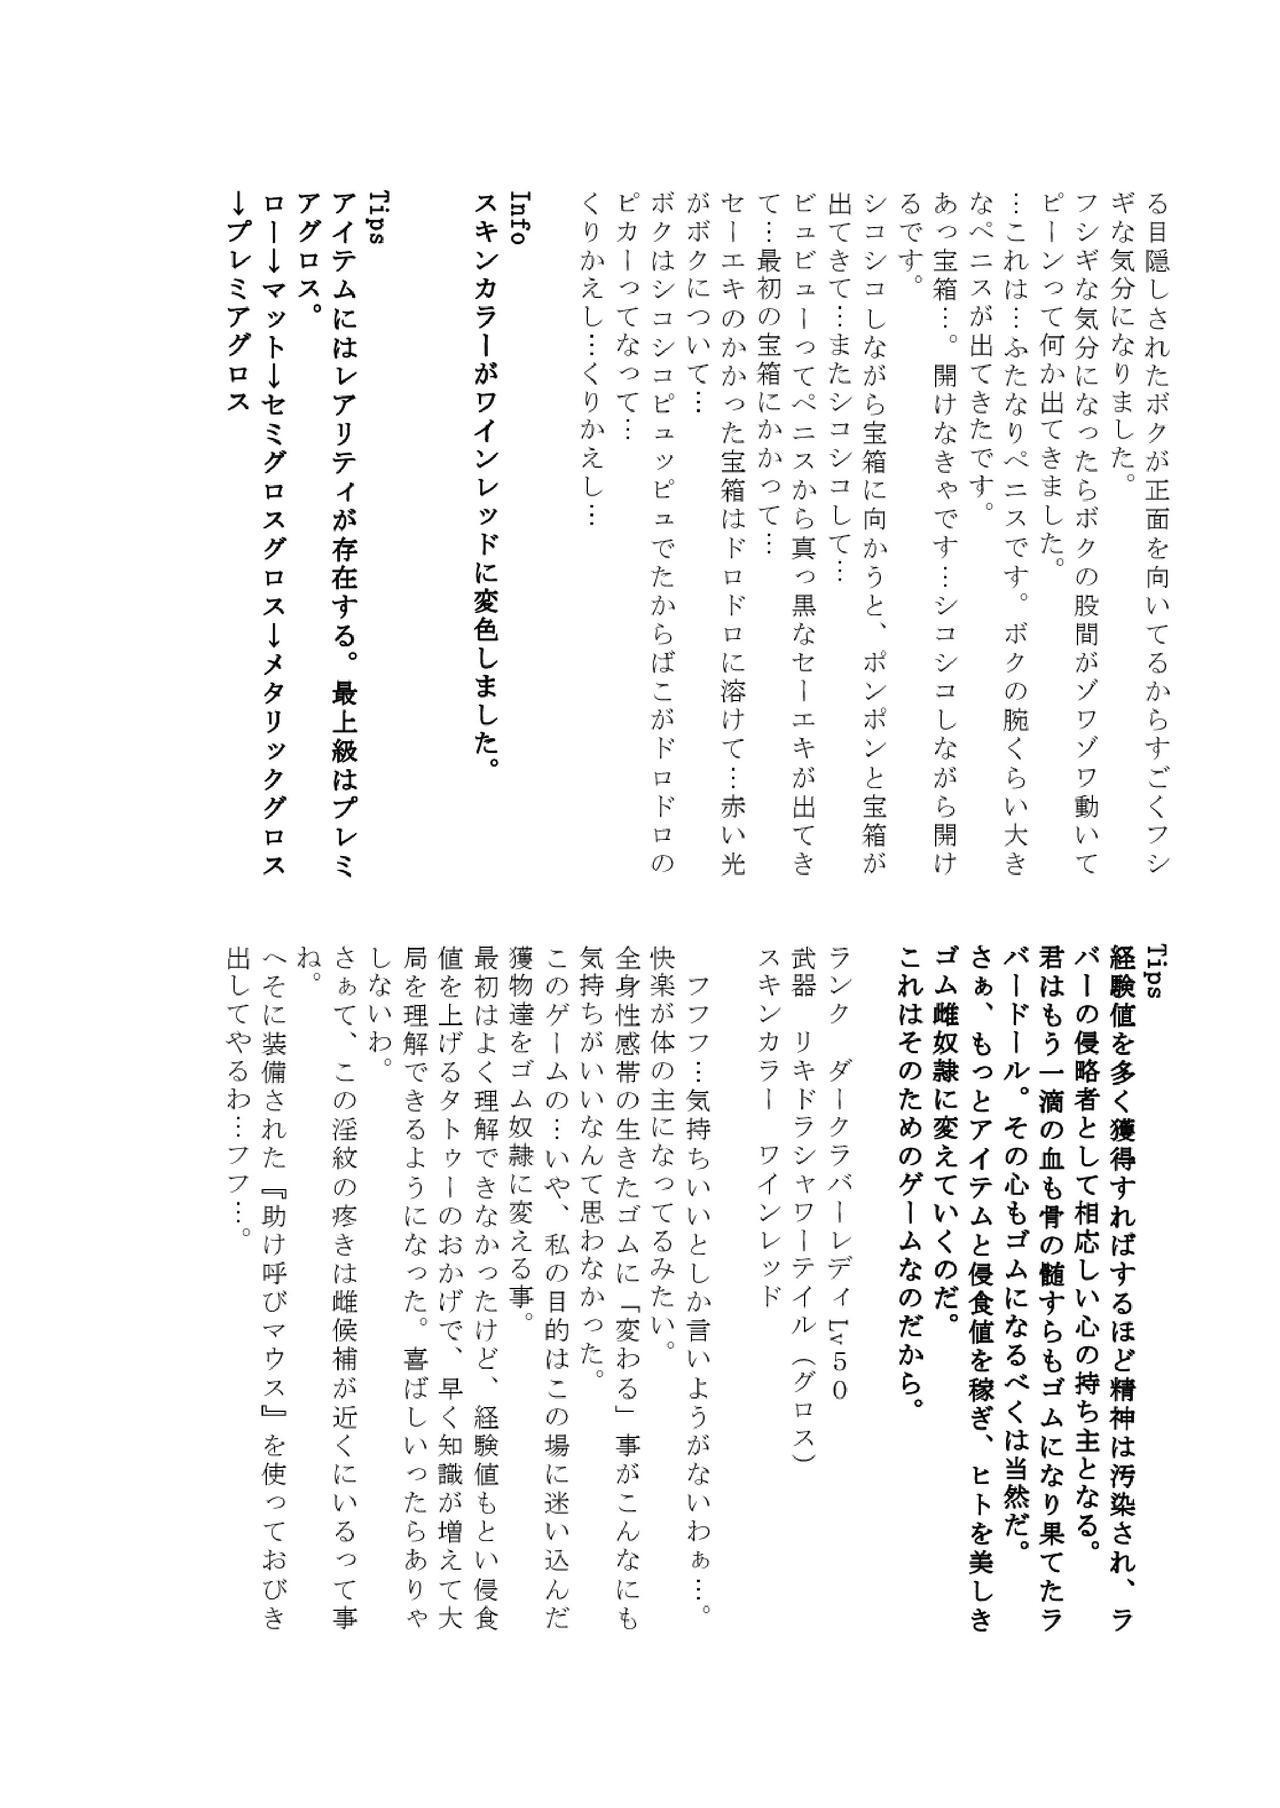 Gomboat-ka Goudou Zecchou Gomu 54